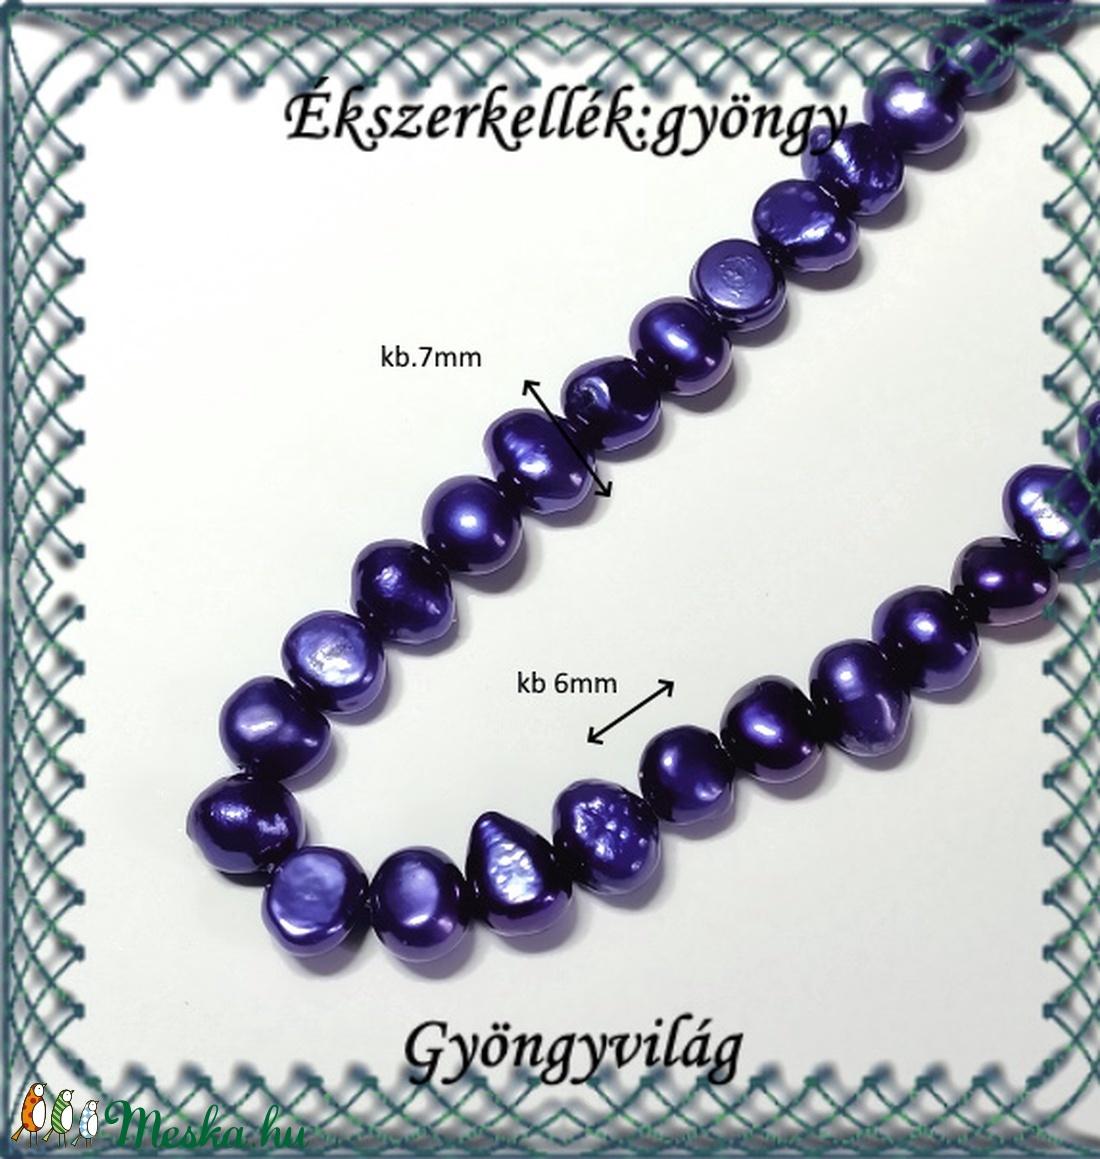 Ékszerkellék: igazgyöngy fűzér GYI-03 6mm kék - gyöngy, ékszerkellék - igazgyöngy - Meska.hu